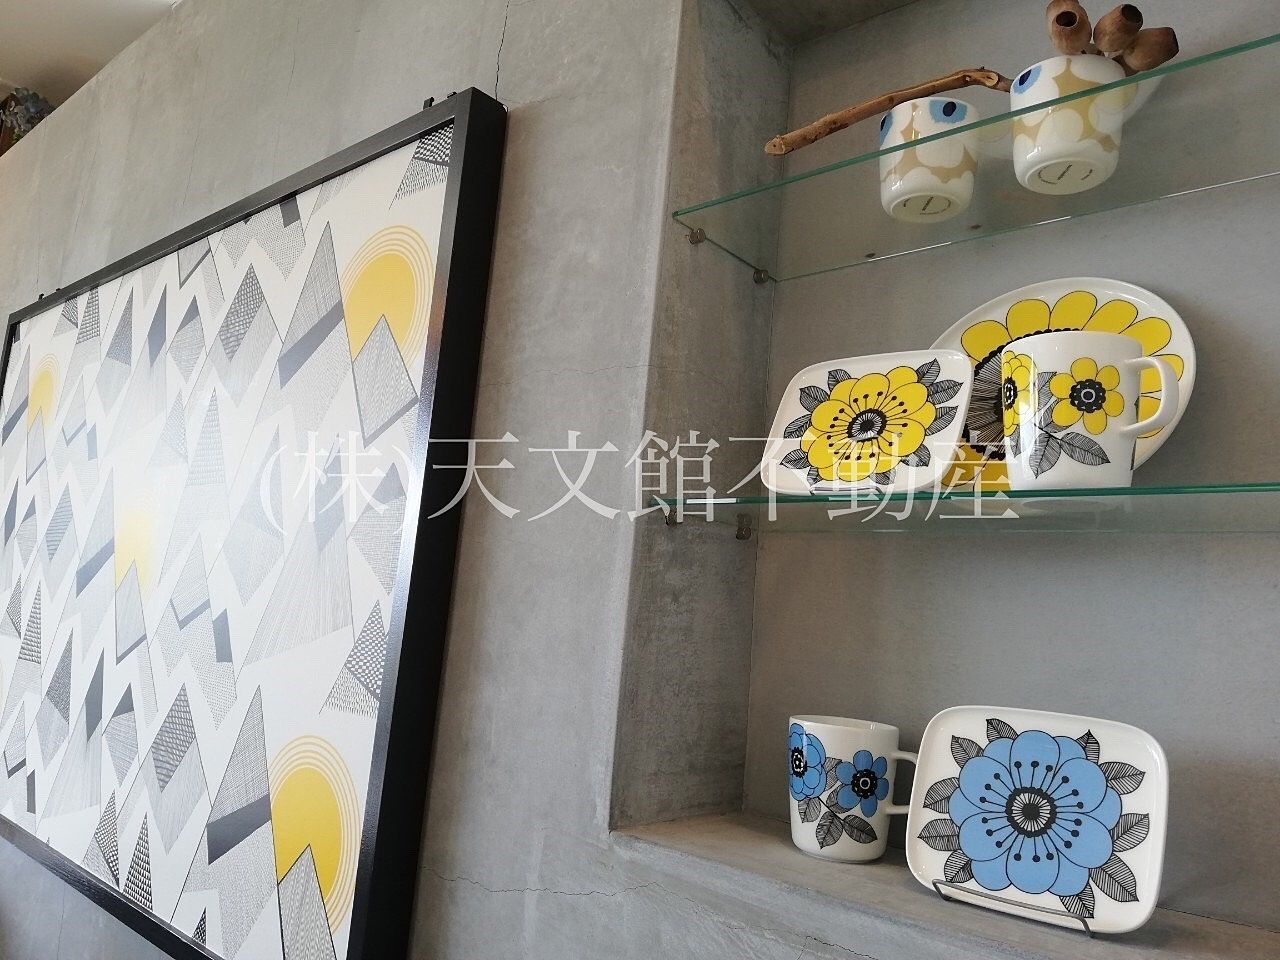 鹿児島市吉野町のランチスポット、ケイトキッチンをご紹介します。桜島も一望できます。